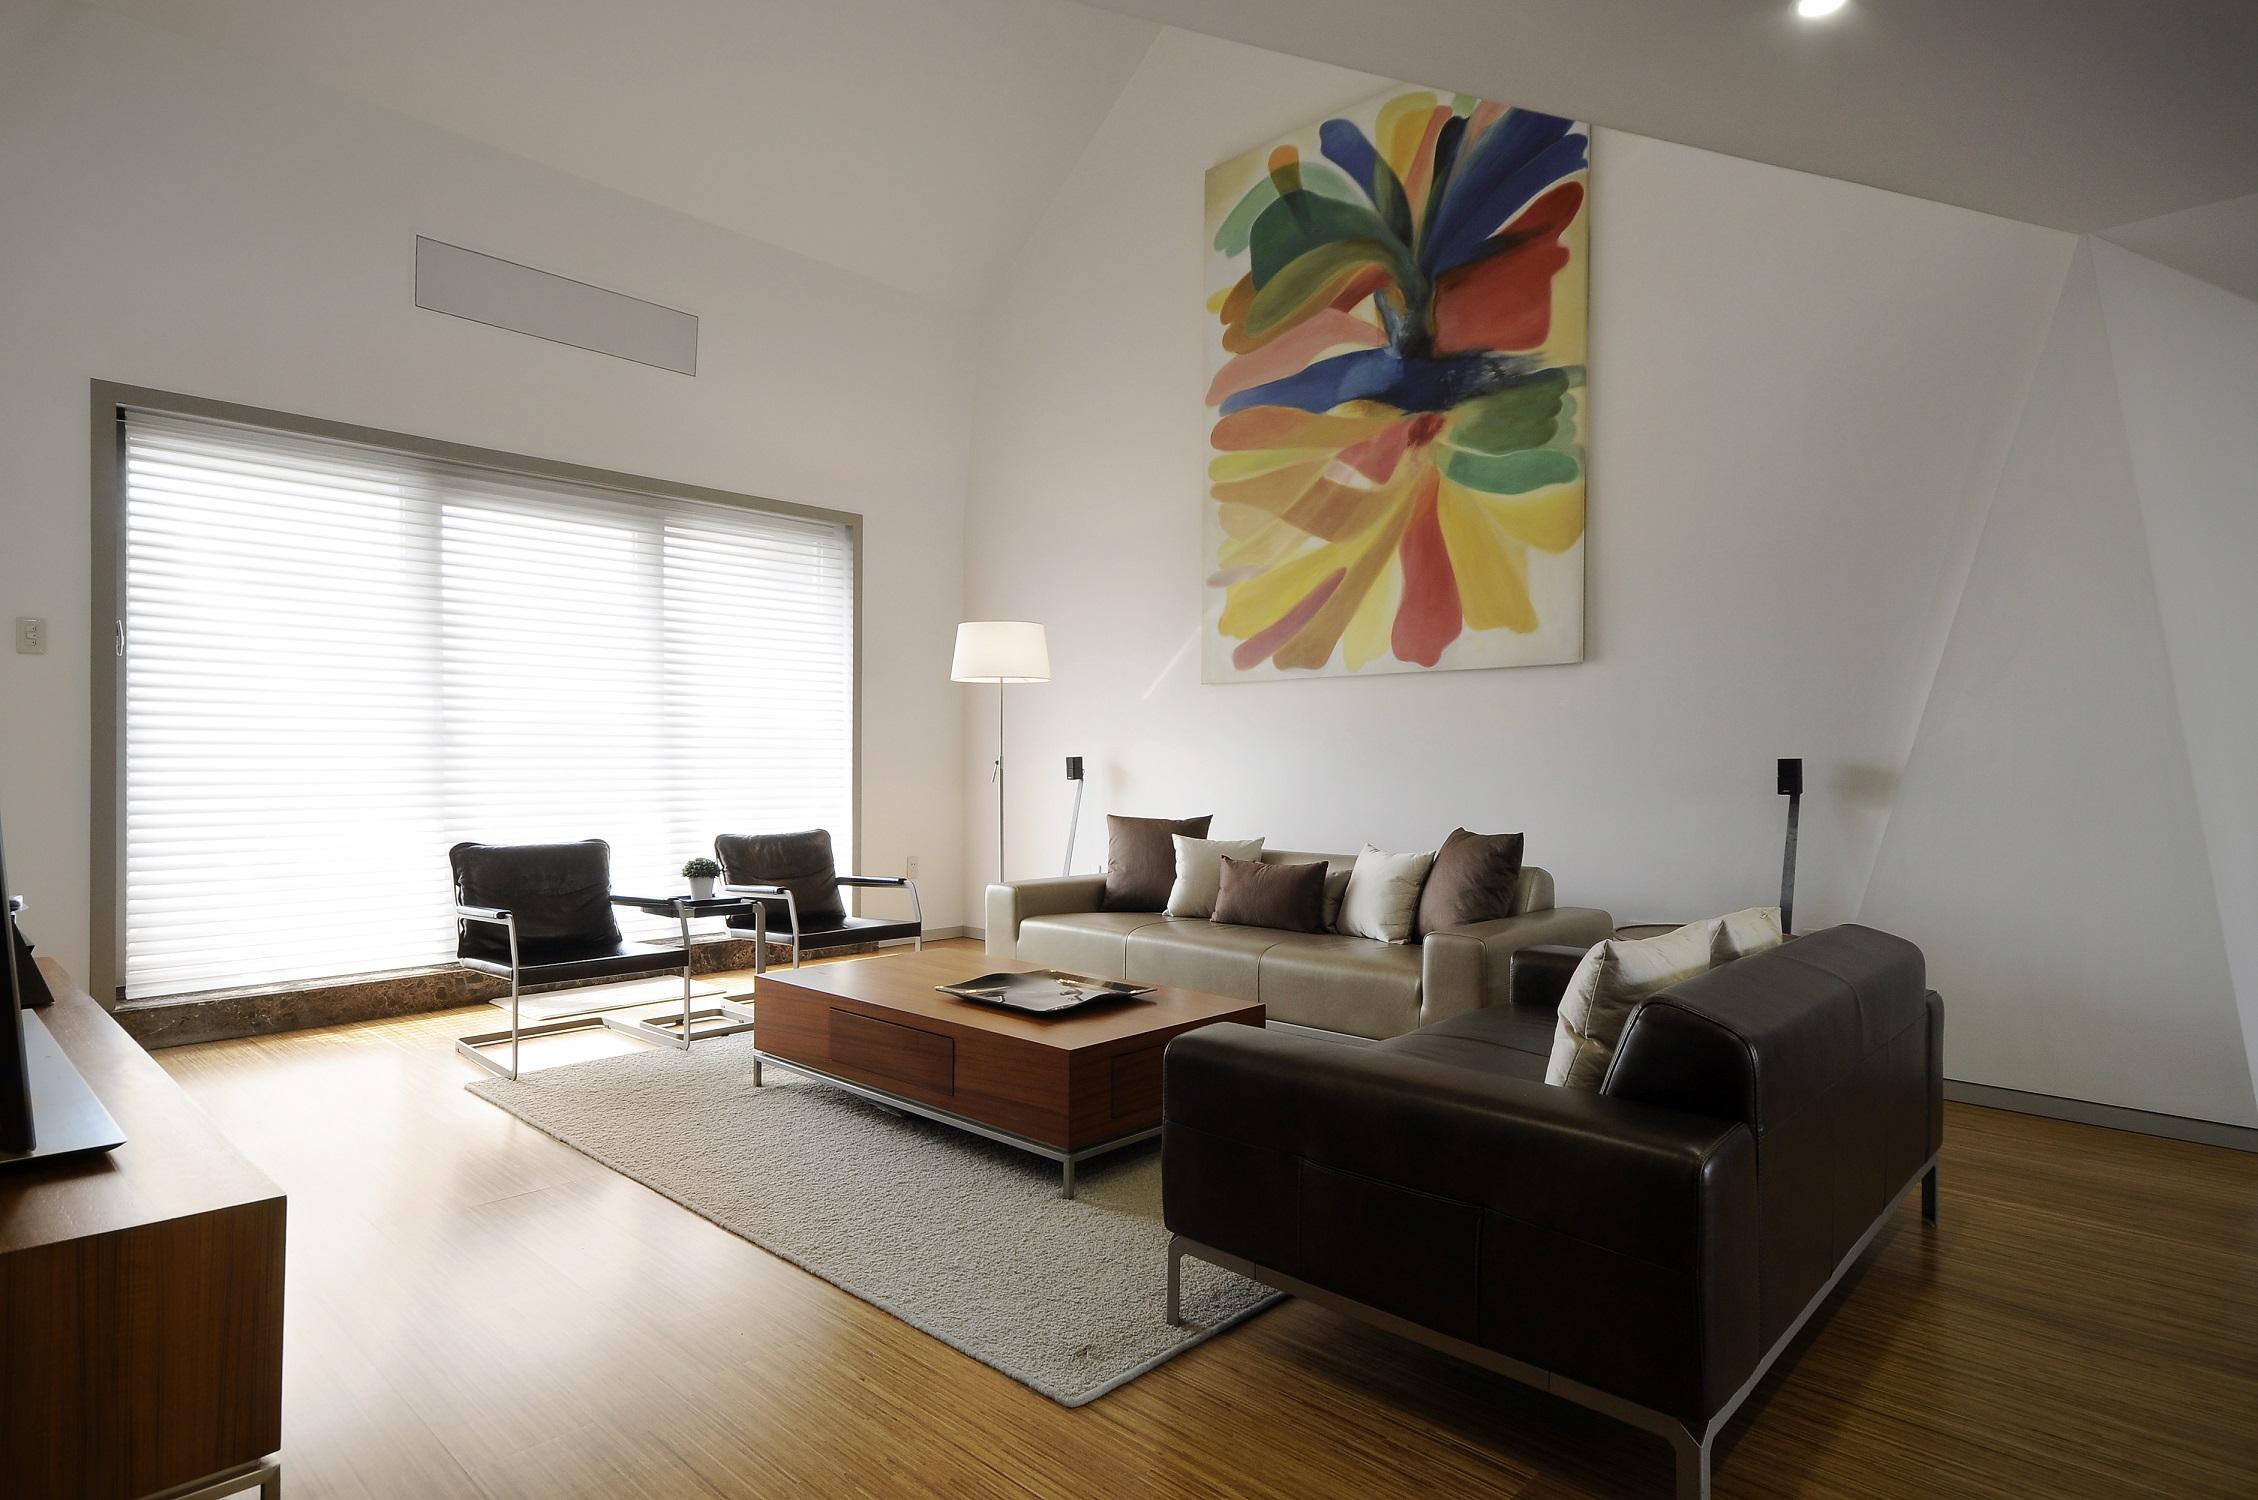 简约风格卧室复式住宅白色厨房2014客厅窗帘设计图